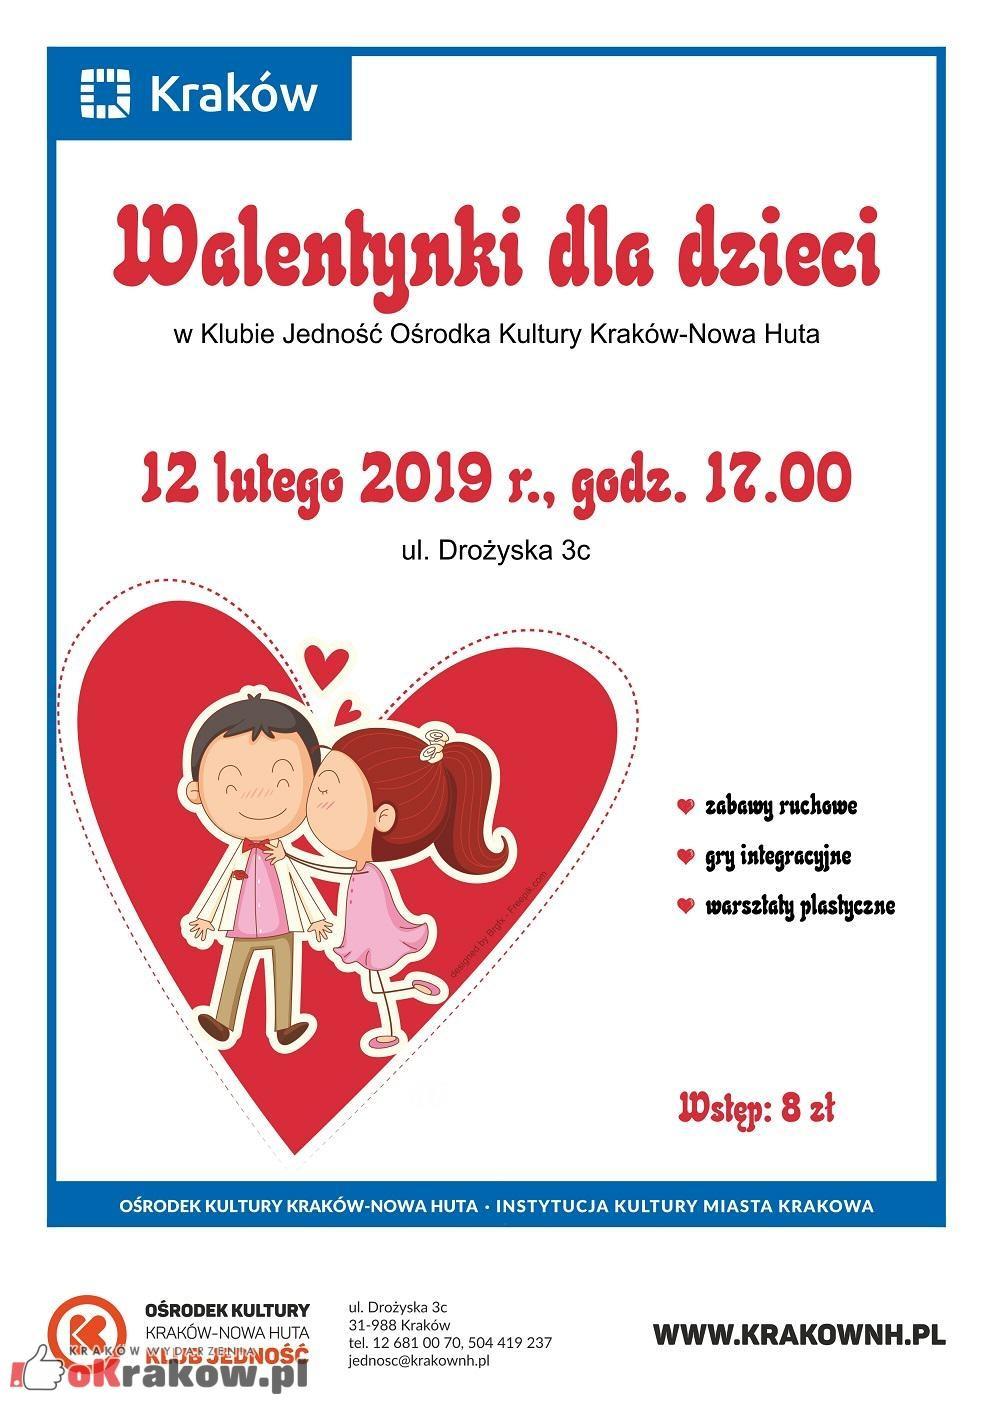 jednosc walentynki dzieci pl 212x300 - Zapowiedzi wydarzeń w Ośrodku Kultury Kraków-Nowa Huta